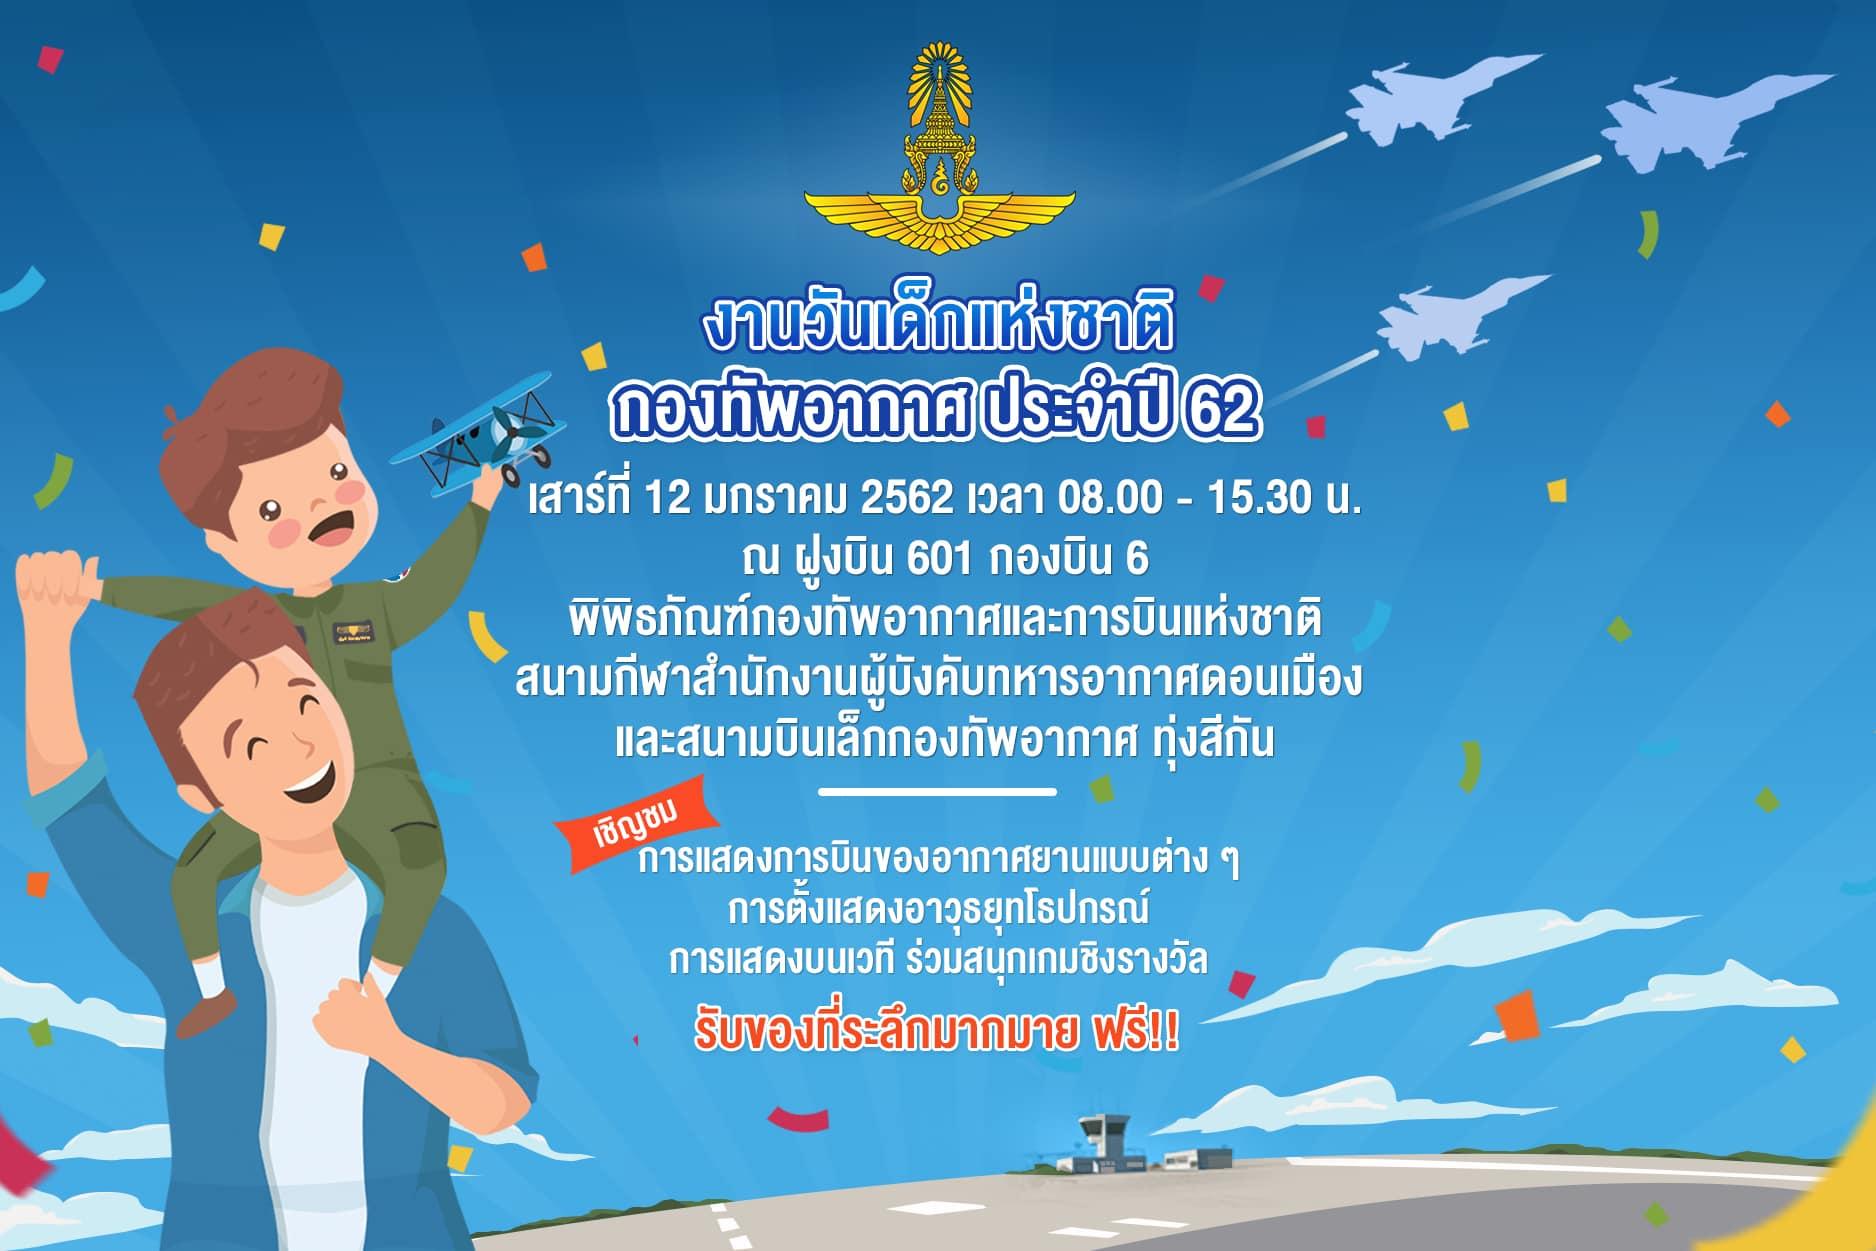 งานวันเด็กแห่งชาติ กองทัพอากาศ 12 มกราคม 2562 ณ ฝูงบิน 601 กองบิน 6 ดอนเมือง